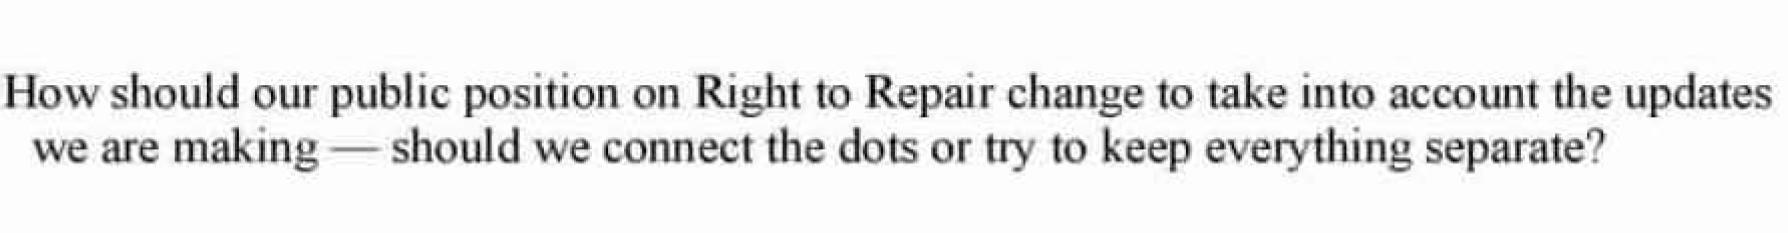 courriel de Lori Lodes montrant une ouverture chez Apple de changer sa position sur le droit à la réparation